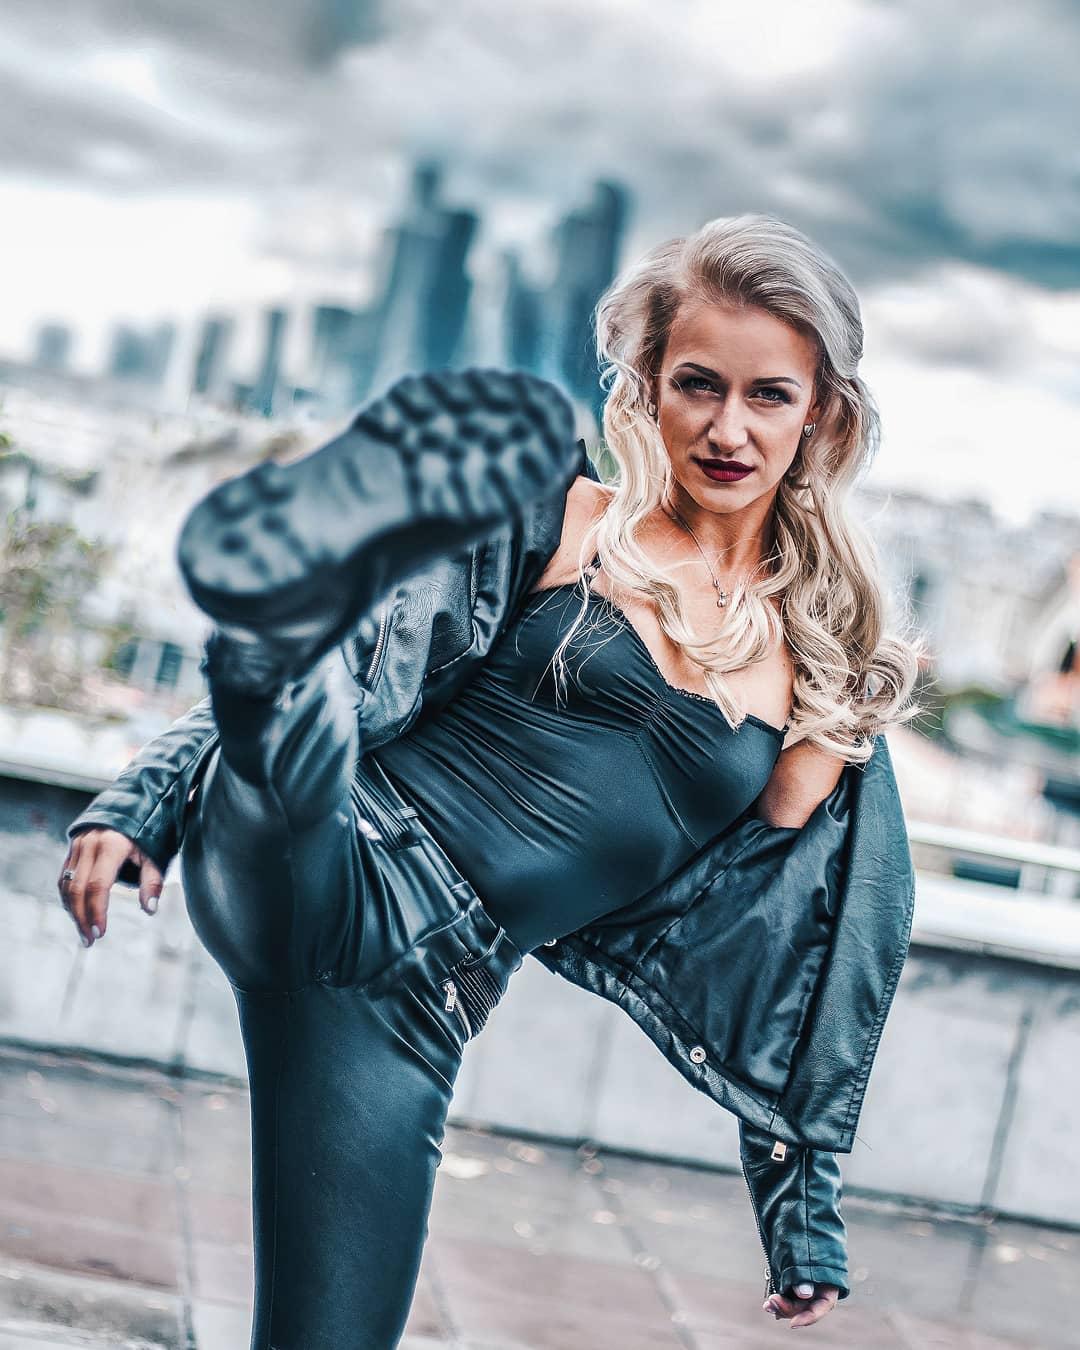 Татьяна Волосожар - Максим Траньков-4 - Страница 17 DSnsrj2_tf4